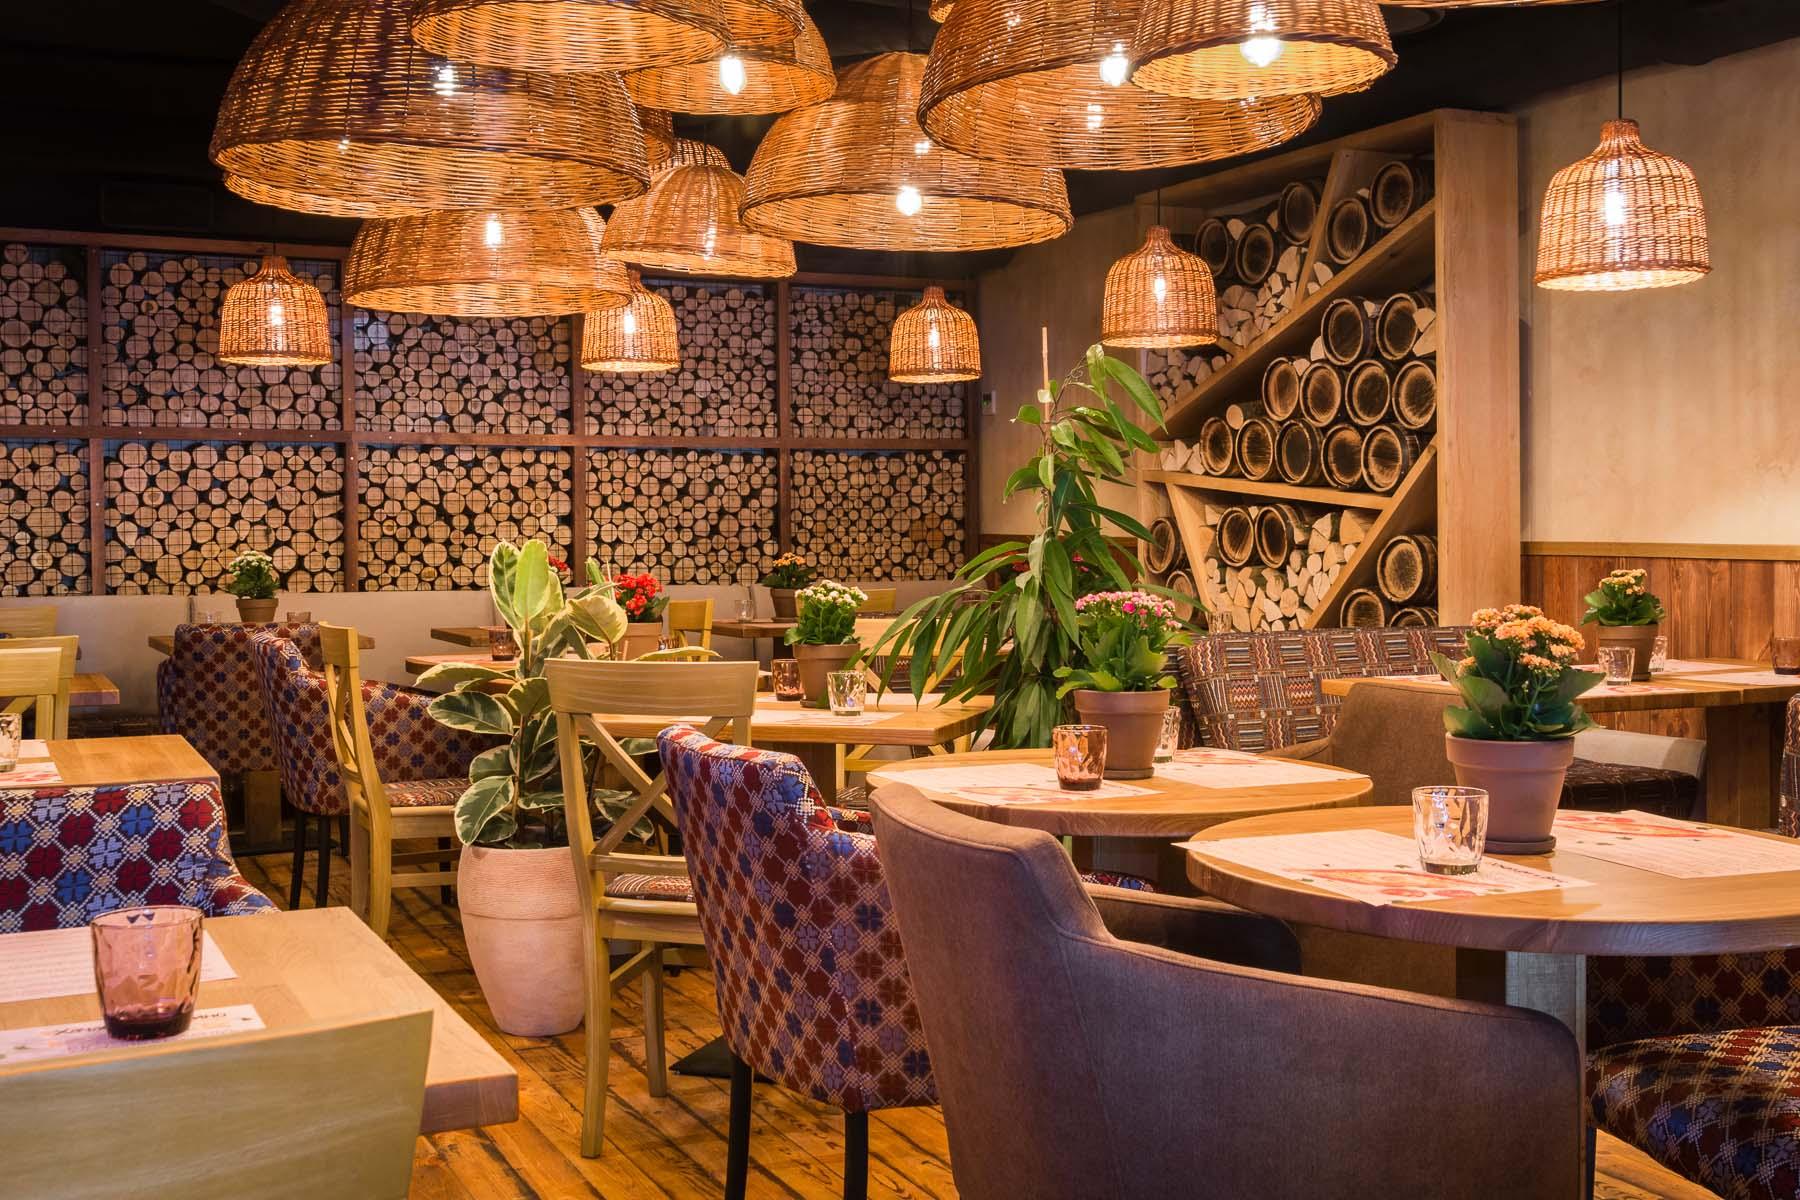 дизайн интерьера ресторана фото